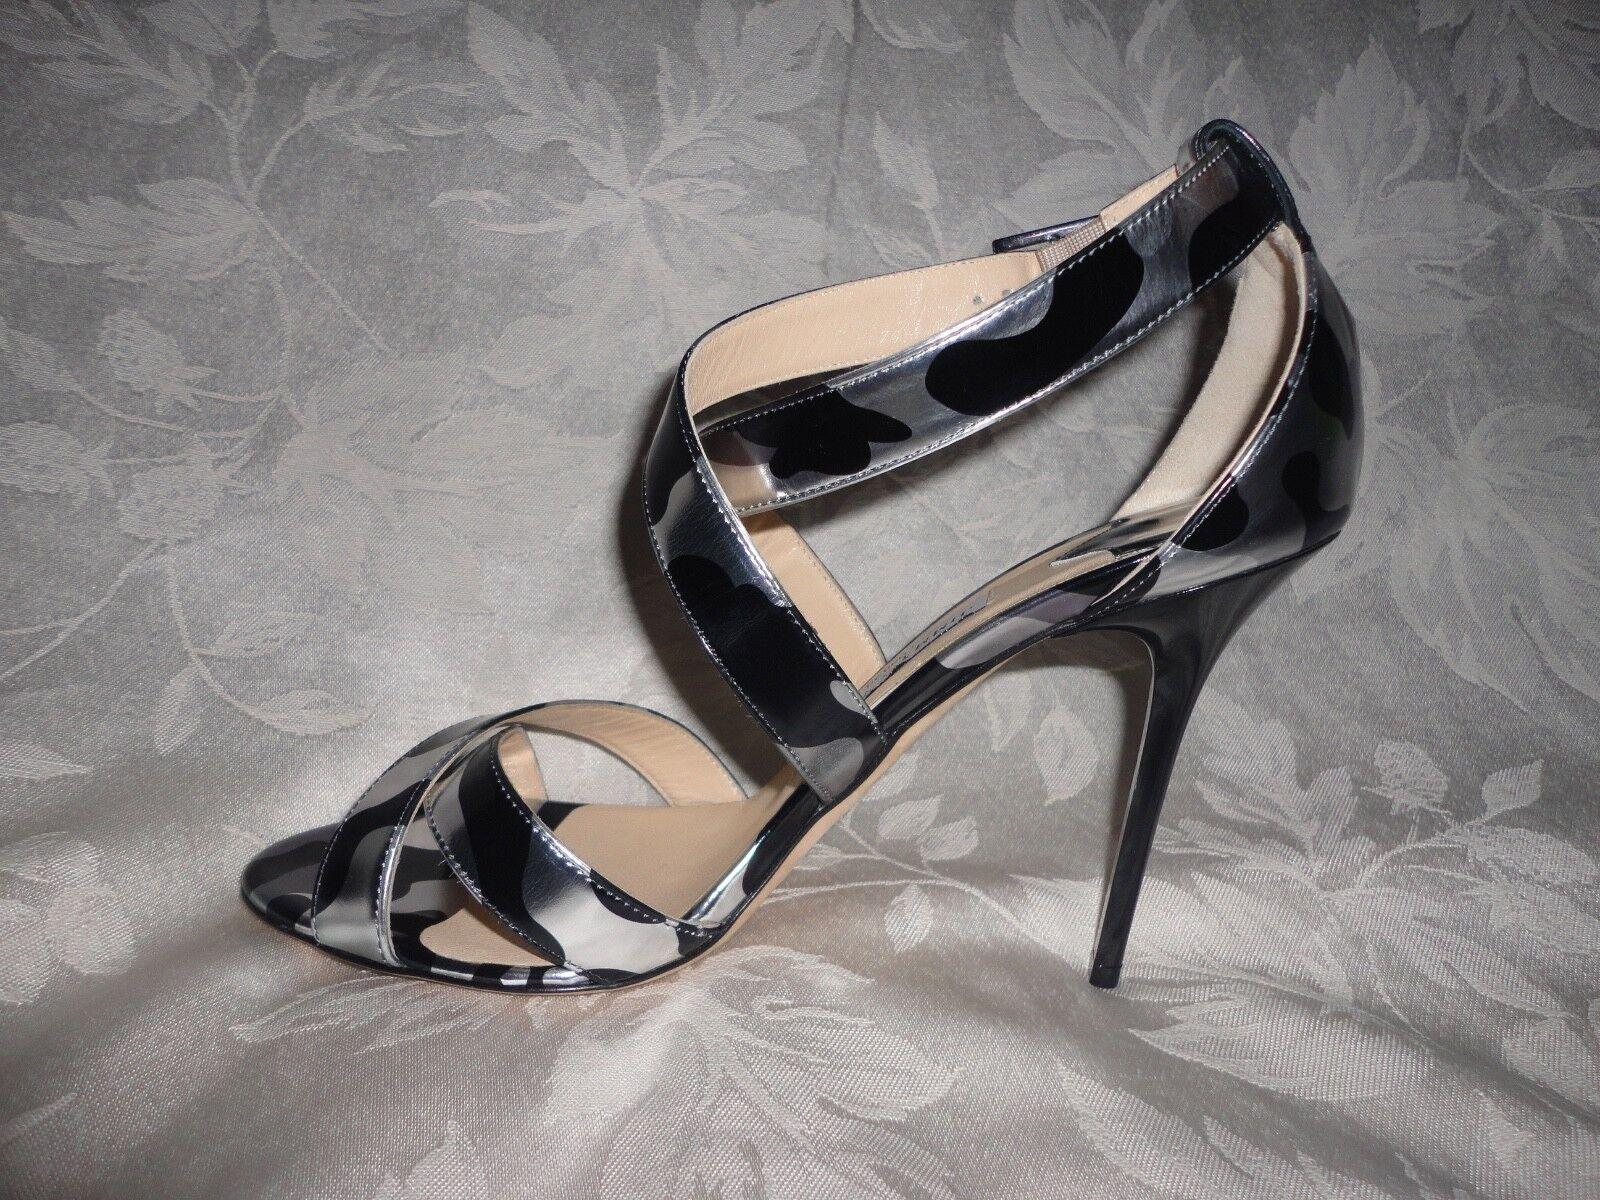 Jimmy Choo LOTTIE LOTTIE LOTTIE crisscross strappy high heel sandal 40 10 noir argent leopard 9421e0